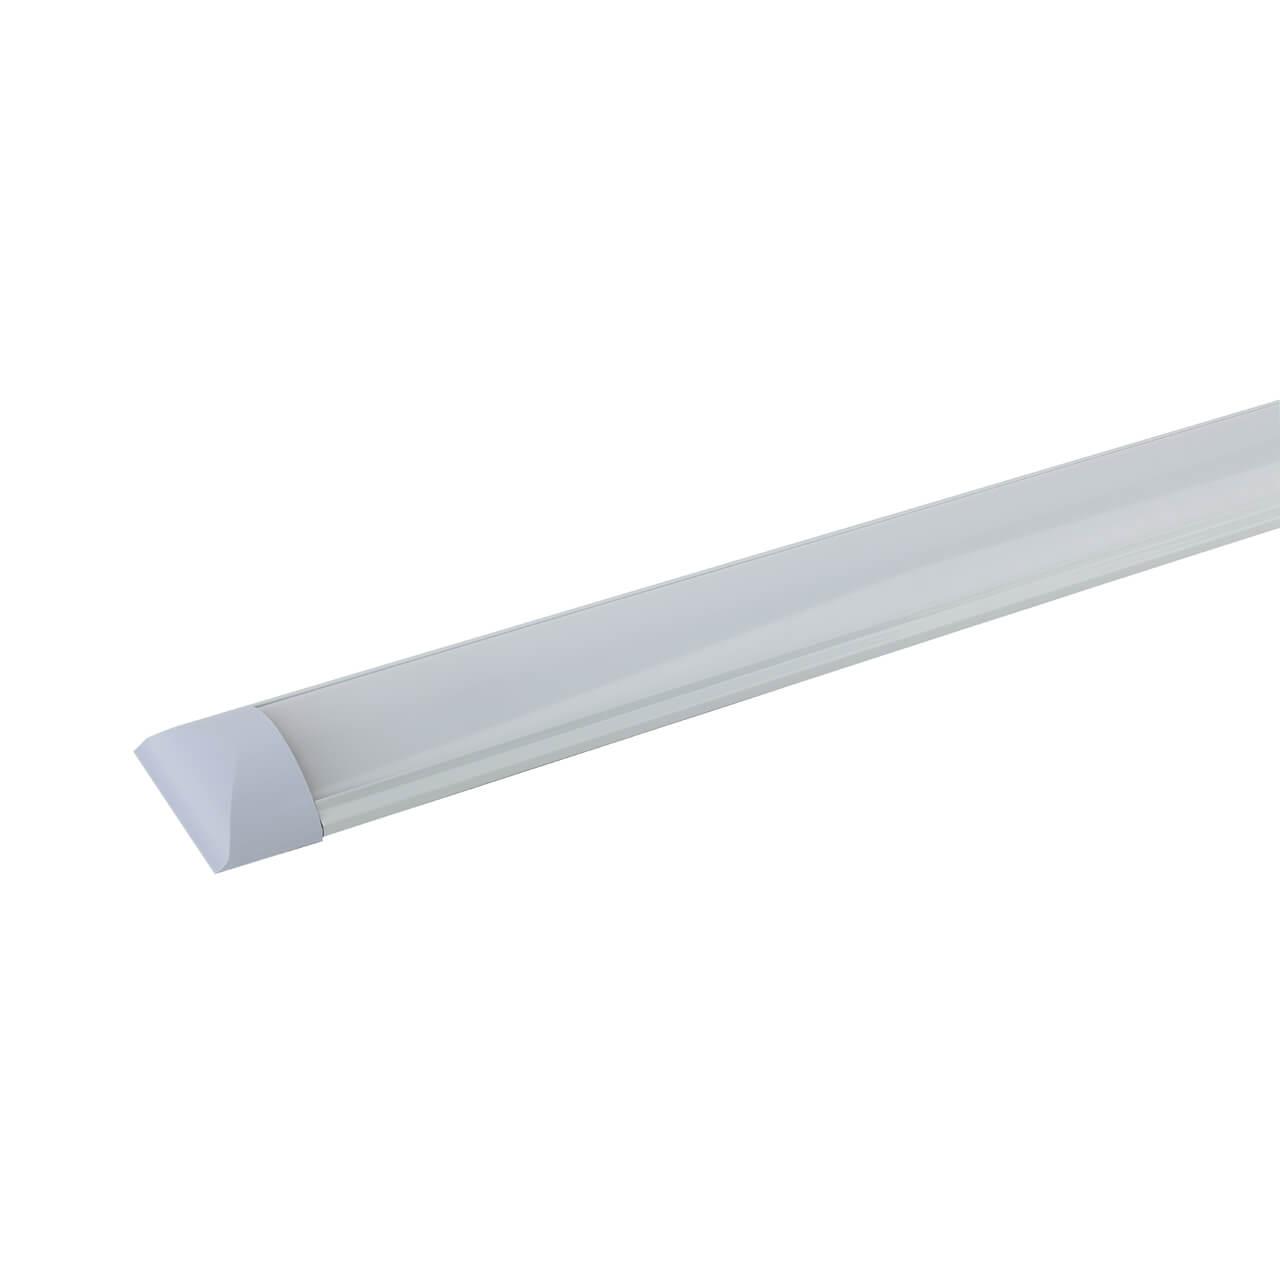 цены на Потолочный светодиодный светильник ЭРА SPO-5-40-4K-P (F)  в интернет-магазинах